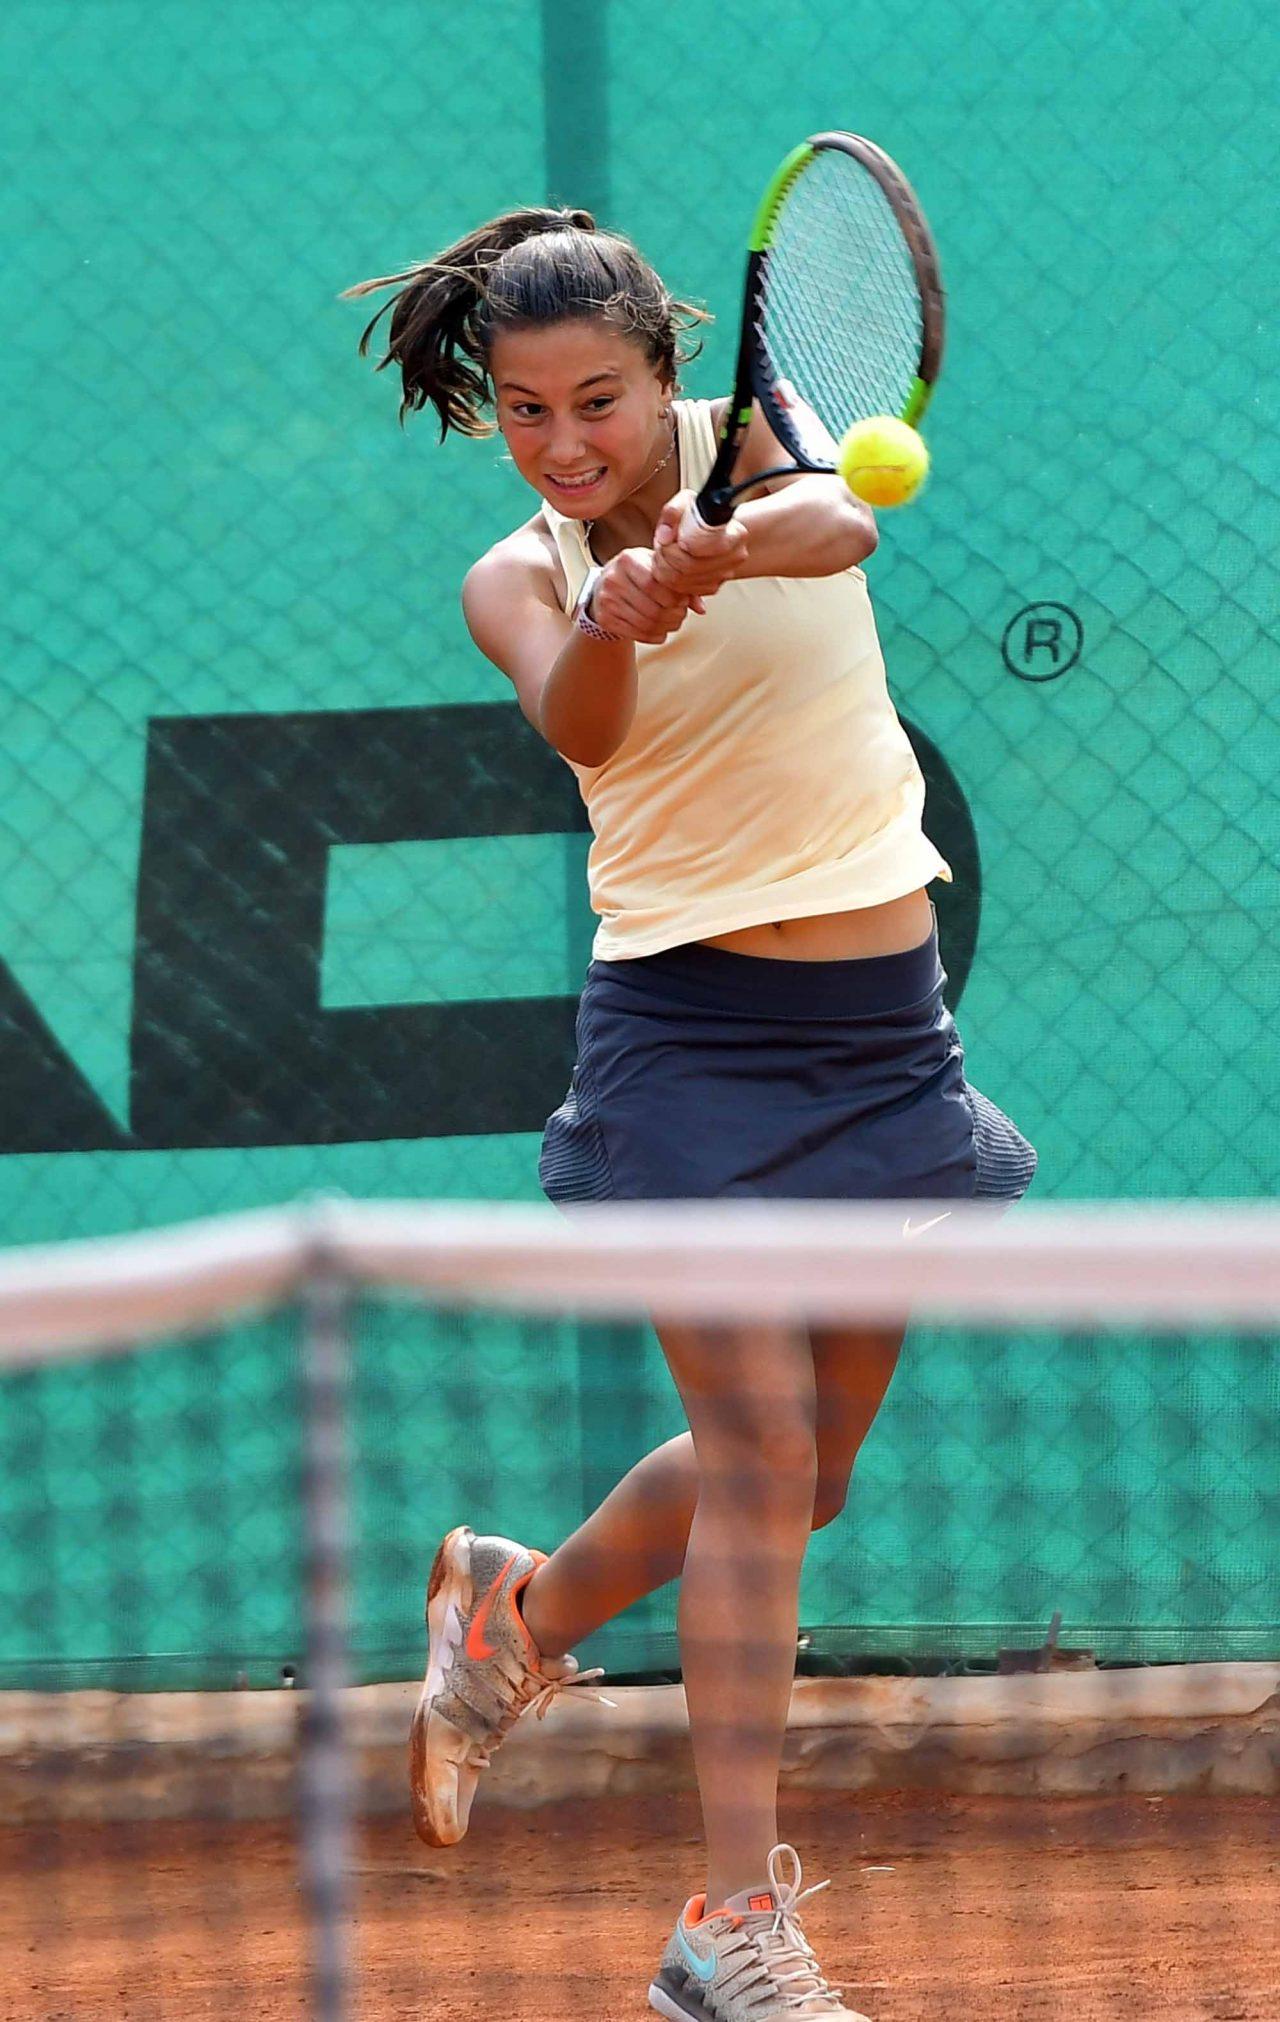 Държавно първенство тенис до 14 год. ТК 15-40 момичета (6)